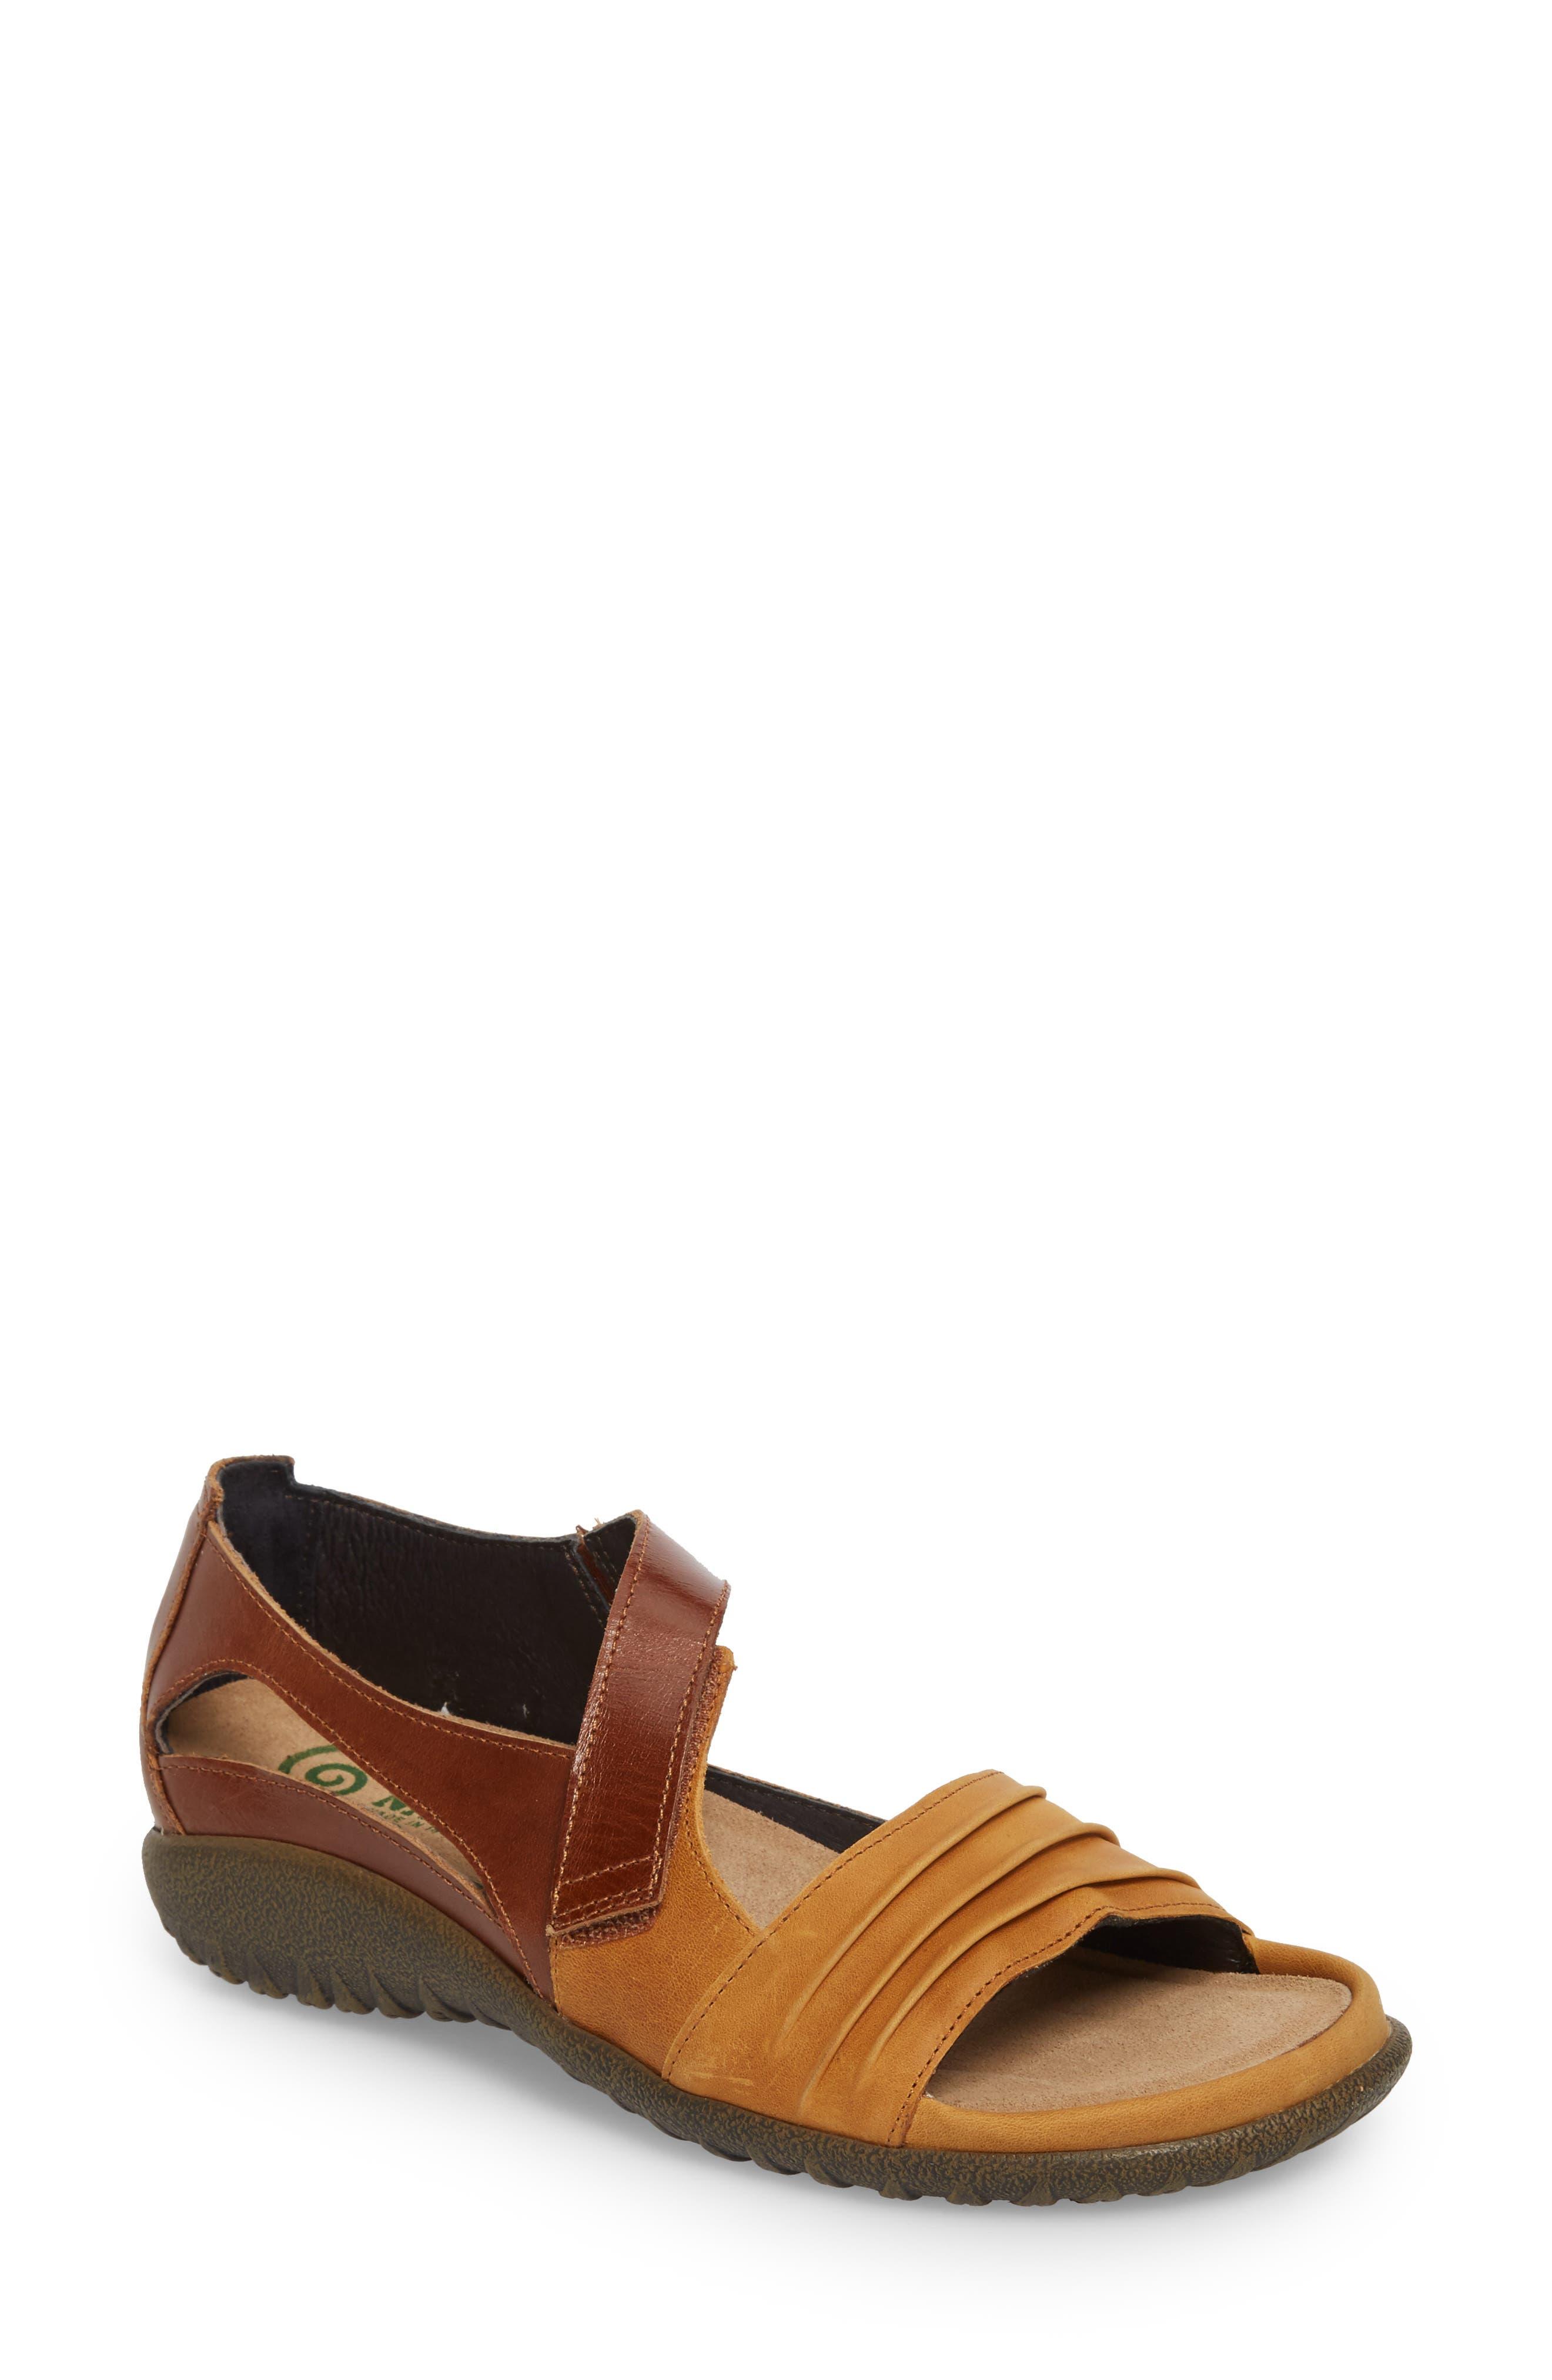 'Papaki' Sandal,                             Main thumbnail 1, color,                             Oily Dune Nubuck